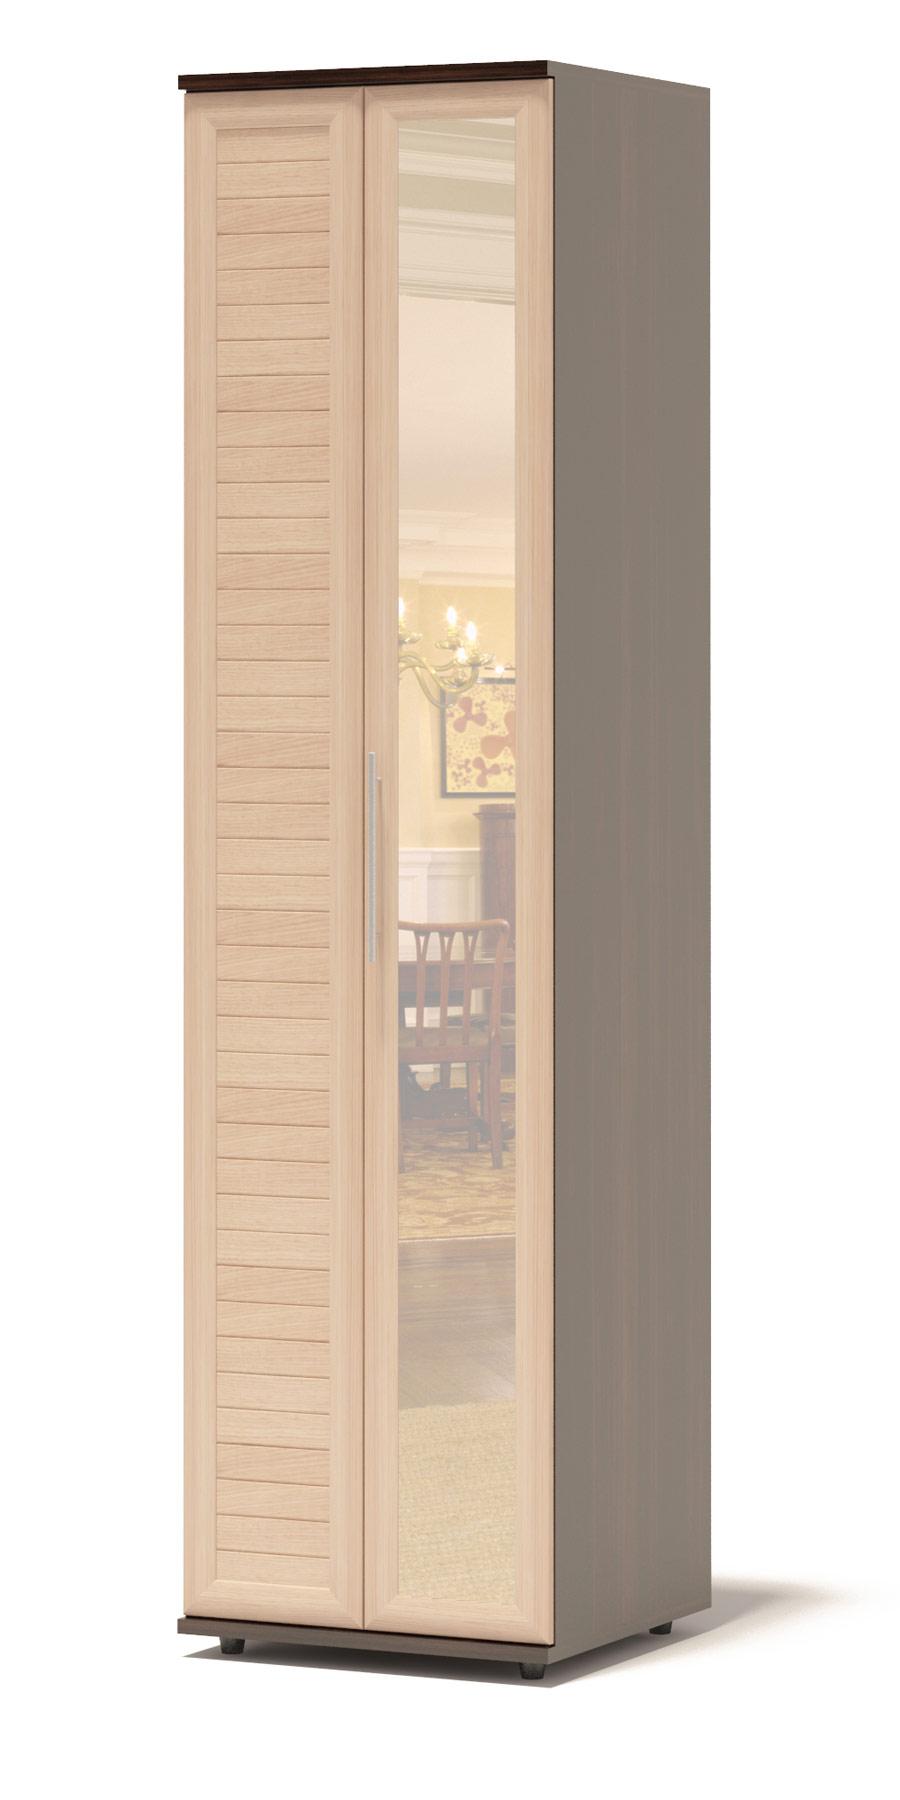 Шкаф-гармошка Сокол Аркадиа ШГ-26.3 Венге / Беленый дубШкафы-гармошки<br>Габаритные размеры ВхШхГ 2334x600x430 мм. Шкаф для одежды глубиной 430 мм.  Изделие оснащено полками и штангой шириной 600 мм.  Фасад выполнен с применением наборной планки, придающей изделию современный вид.  Дверь-гармошка открывается направо, с зеркалом.  Шкаф выполнен из высококачественного ЛДСП толщиной 16 и 22 мм и оснащен надежной импортной фурнитурой, отлично зарекомендовавшей себя в течение длительной эксплуатации. Кромка на основе ПВХ толщиной 0,4 мм защитит торцы изделий от сколов и повреждений, вызванных неосторожным обращением. Рекомендуем сохранить инструкцию по сборке (паспорт изделия) до истечения гарантийного срока.<br><br>Цвет: Темное-cветлое дерево<br>Высота мм: 2334<br>Ширина мм: 600<br>Глубина мм: 430<br>Кол-во упаковок: 4<br>Форма поставки: В разобранном виде<br>Срок гарантии: 2 года